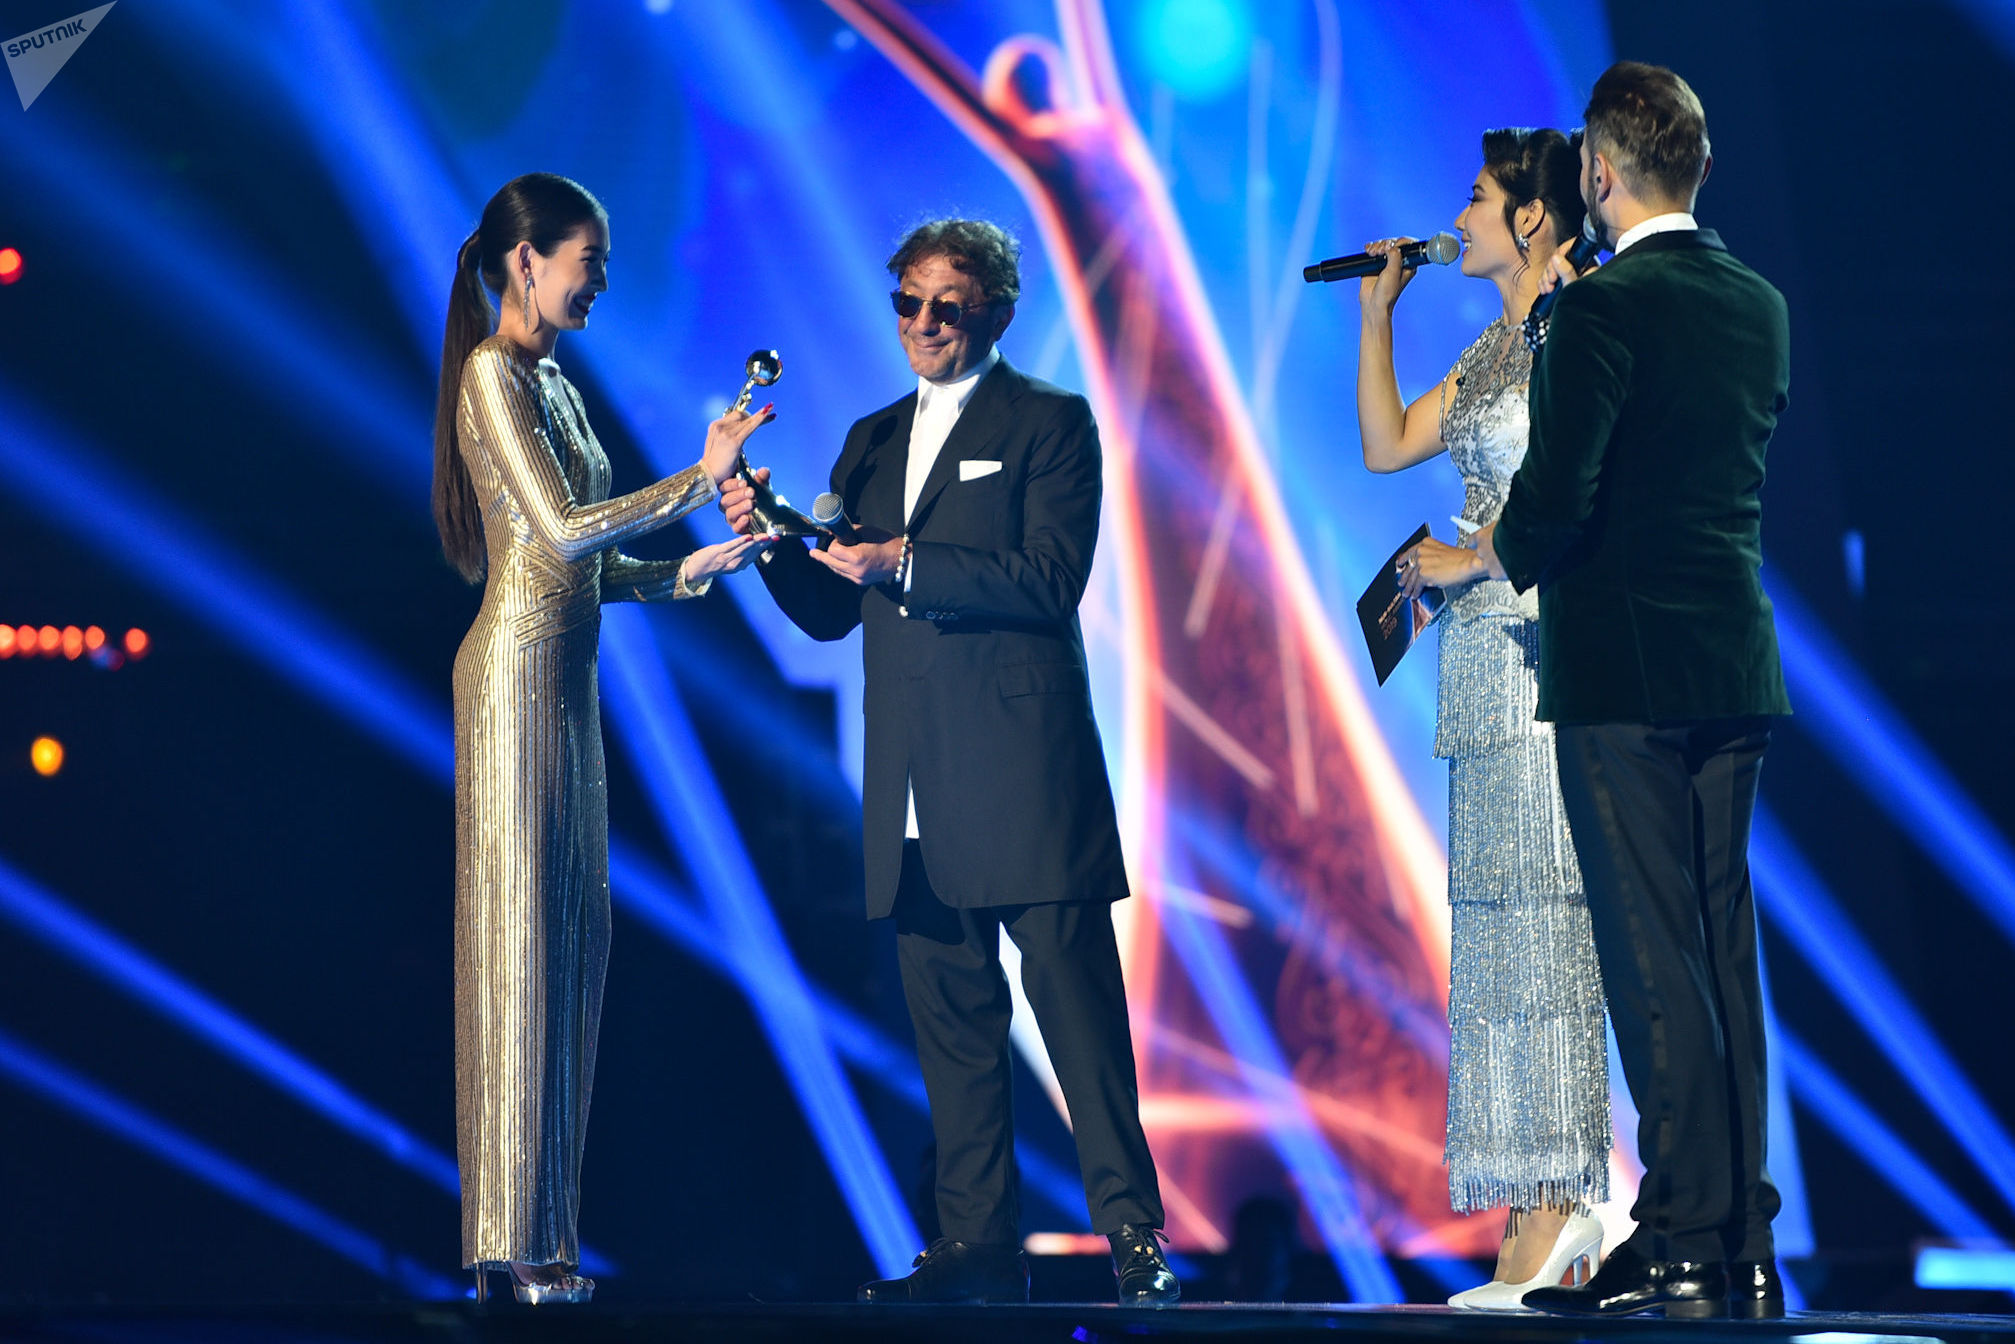 Григорий Лепс на фестивале Nur-Sultan Music Awards 2019 признался, что ему нравится бывать в столице Казахстана